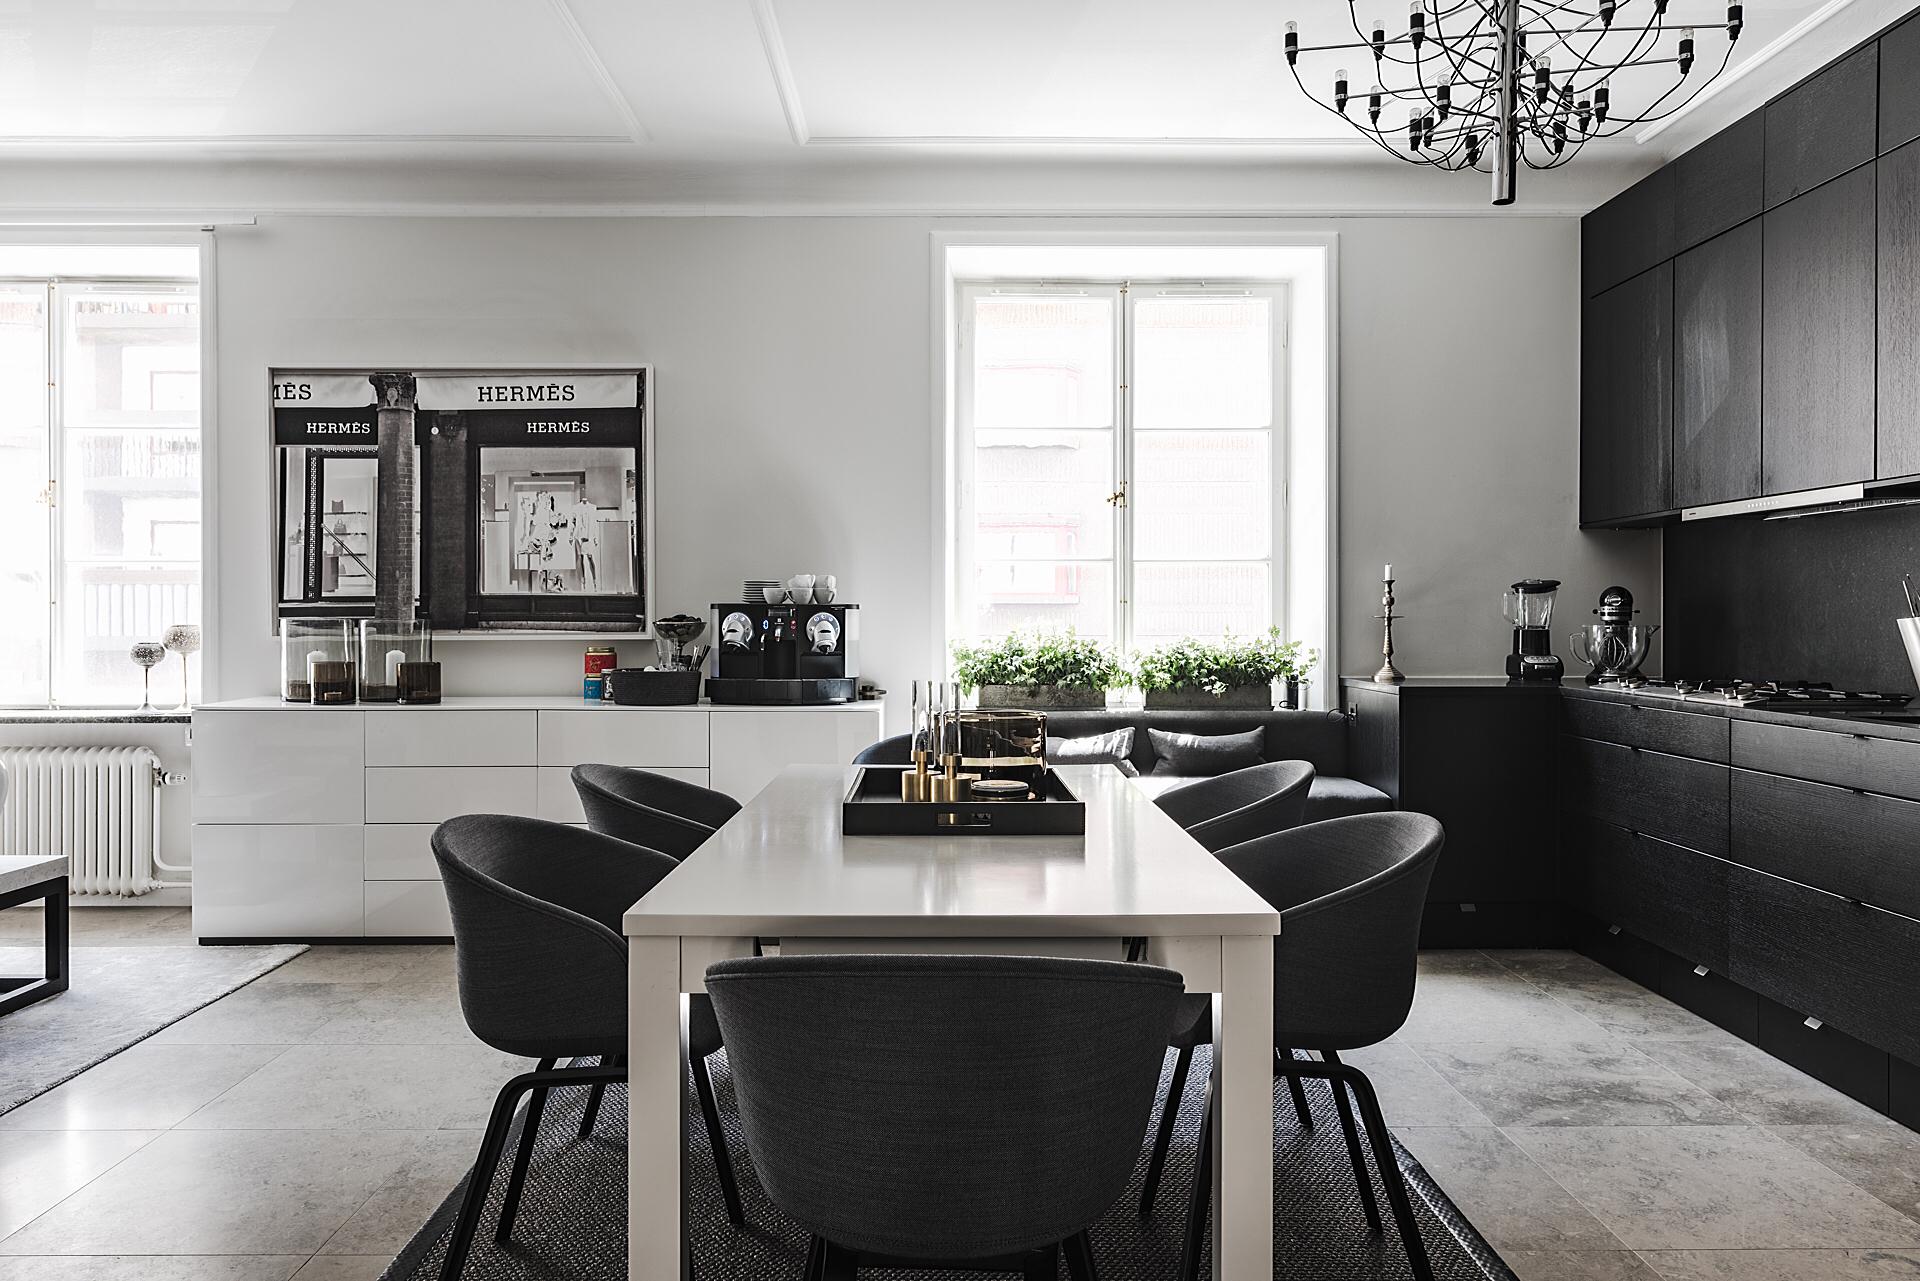 кухня столовая обеденный стол стулья окно диван